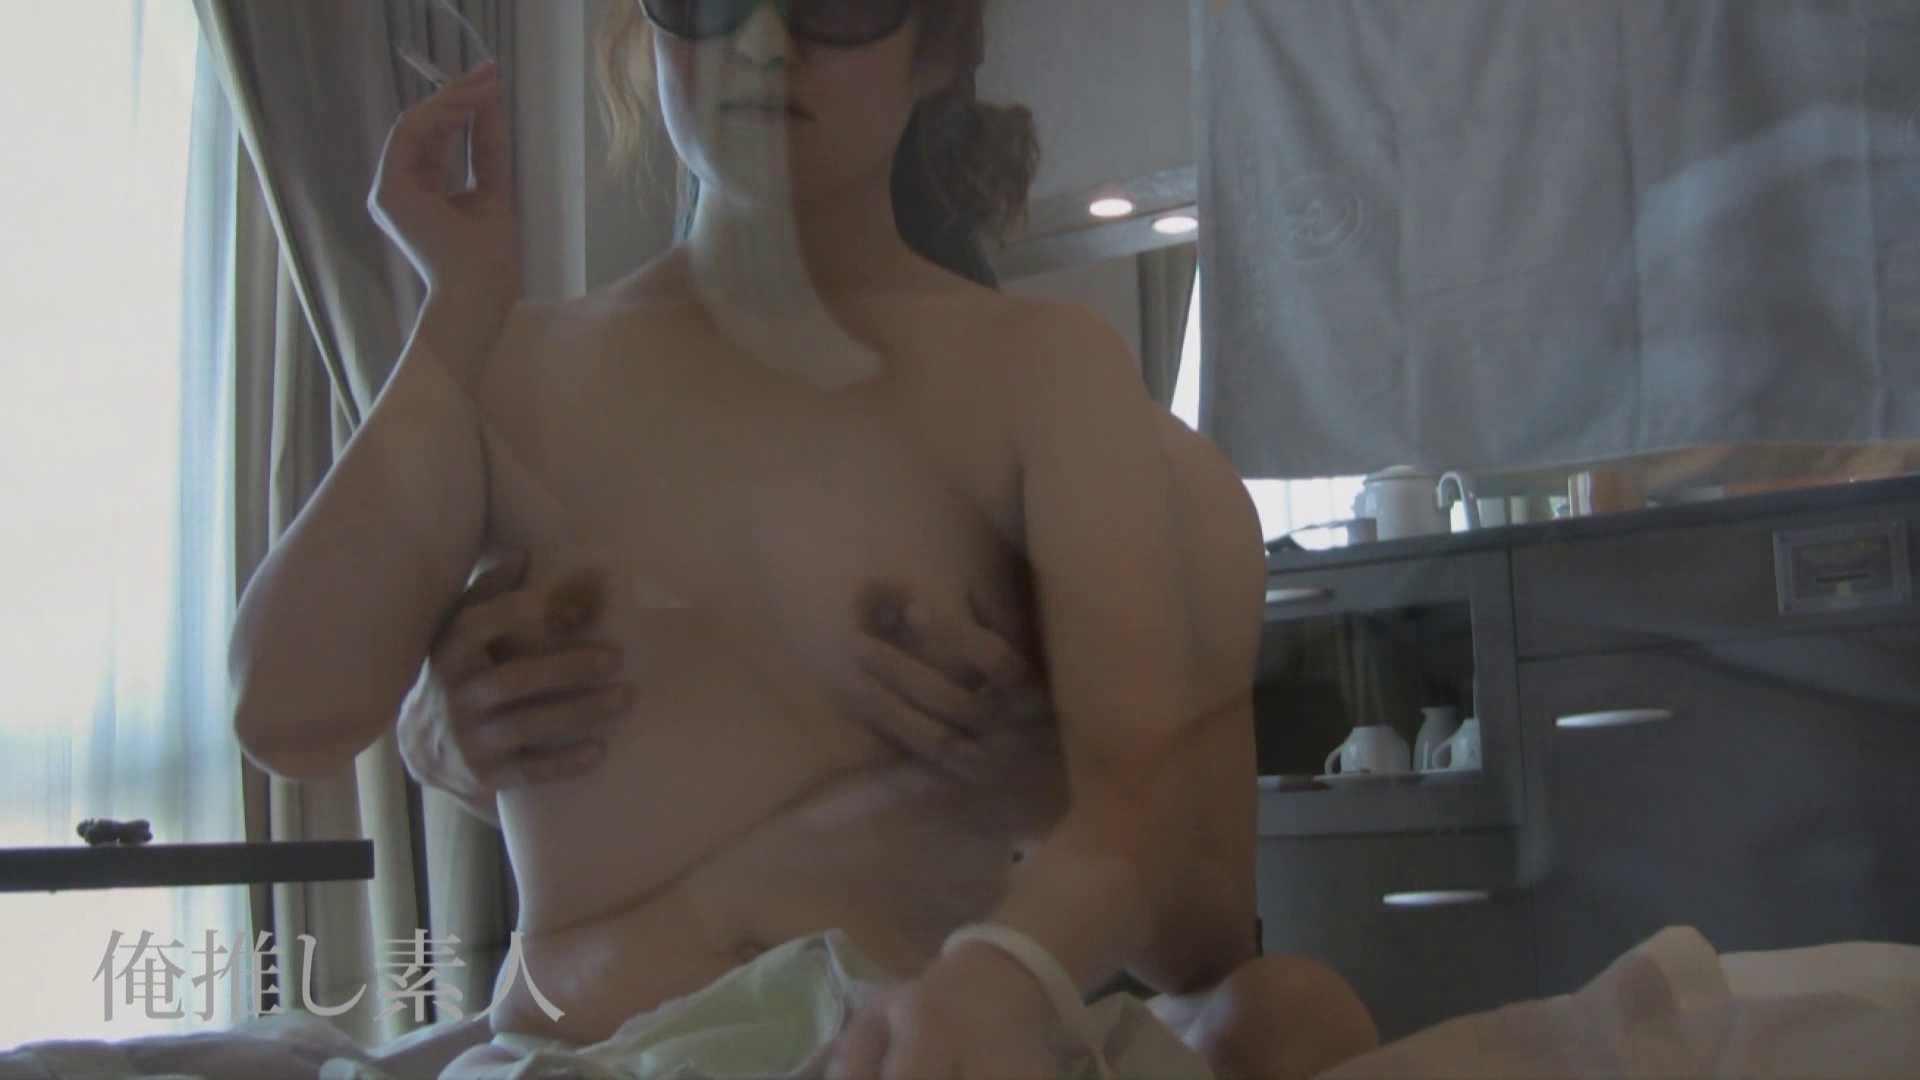 俺推し素人 キャバクラ嬢26歳久美vol5 一般投稿  46連発 22